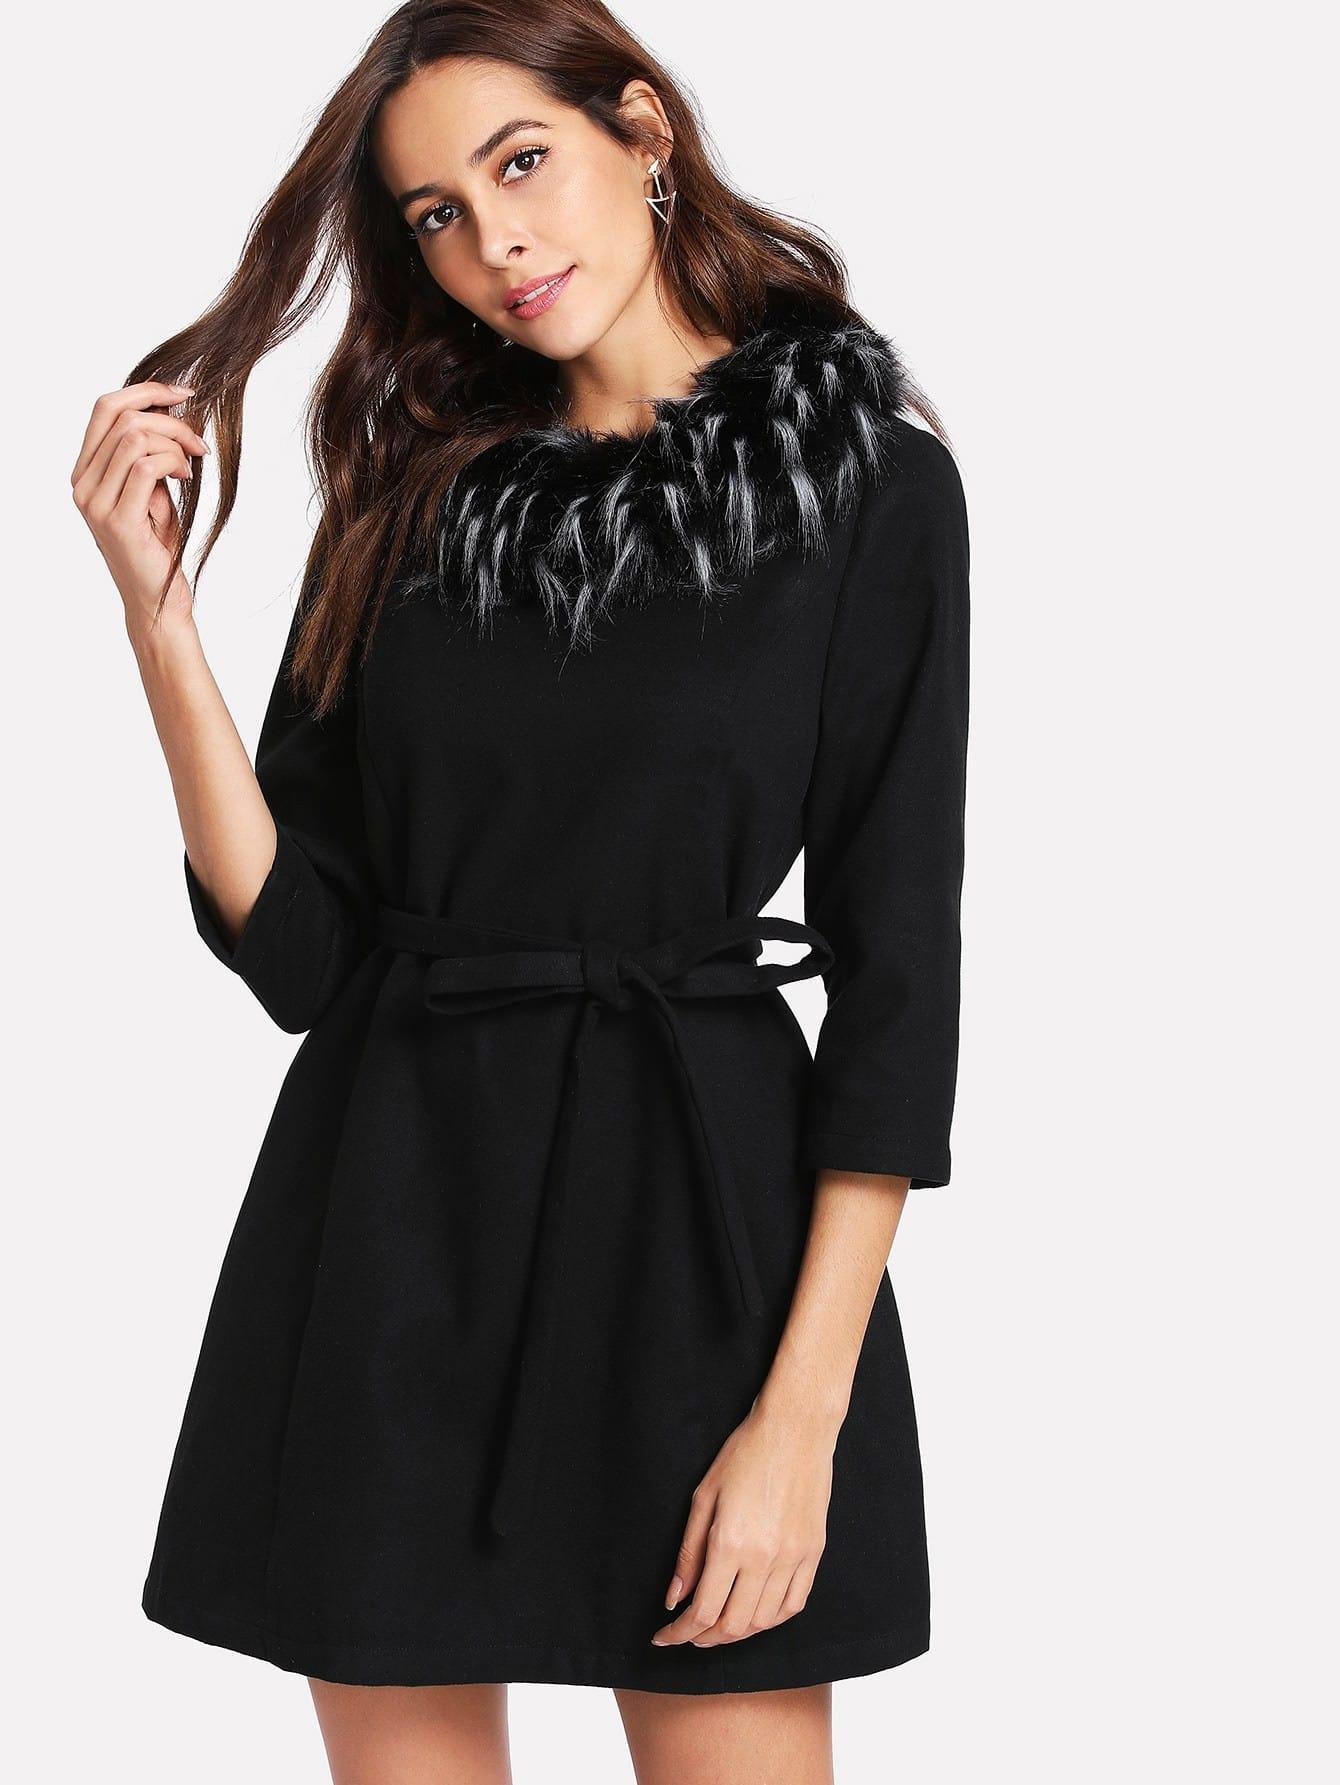 Купить Модное платье с поясом, Giulia, SheIn